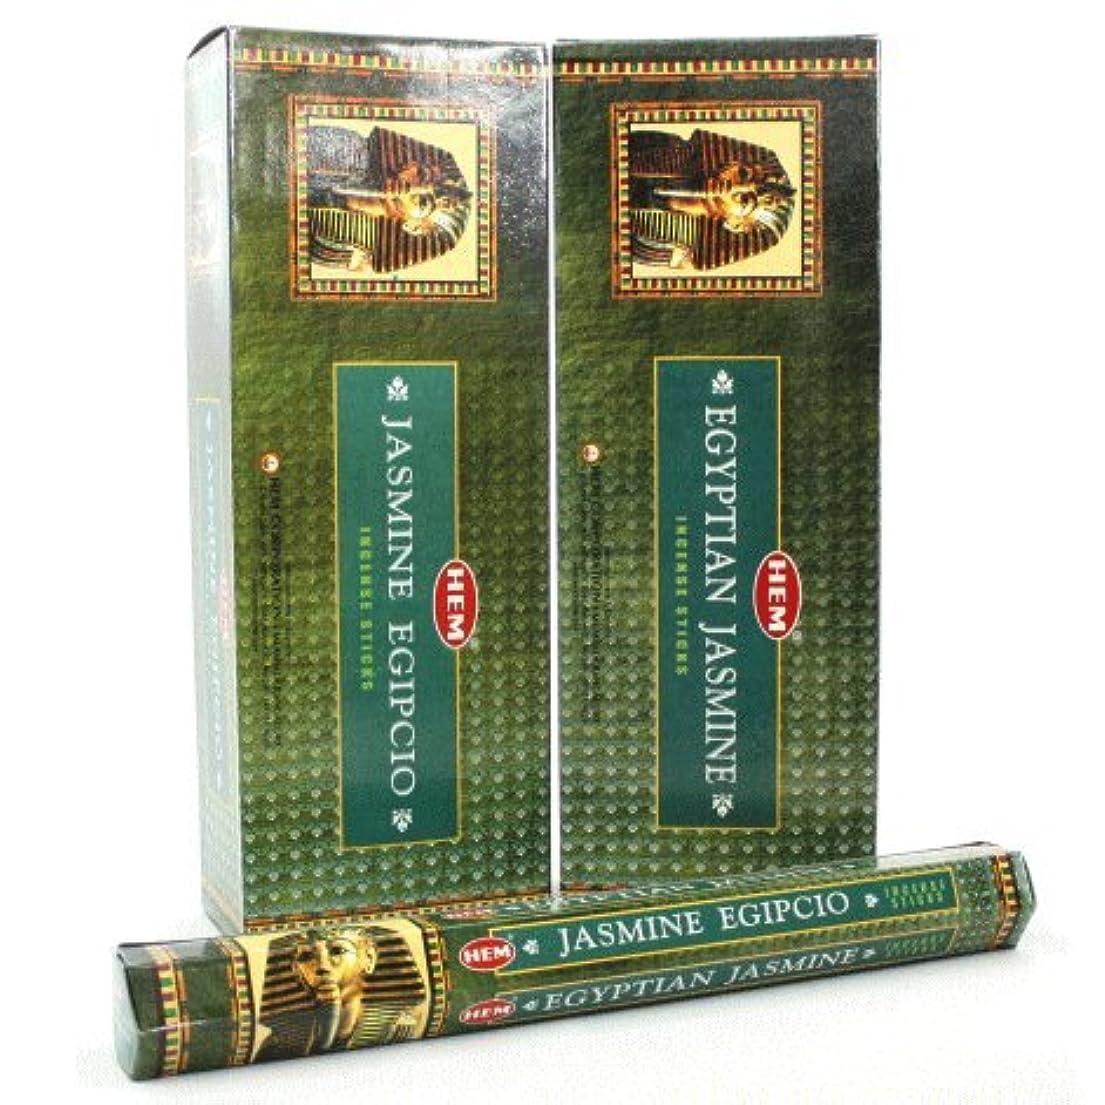 夜明けどこクラックHEM エジプシャン ジャスミン香 スティック ヘキサパック(六角) 12箱セット HEM EGYPTIAN JASMINE